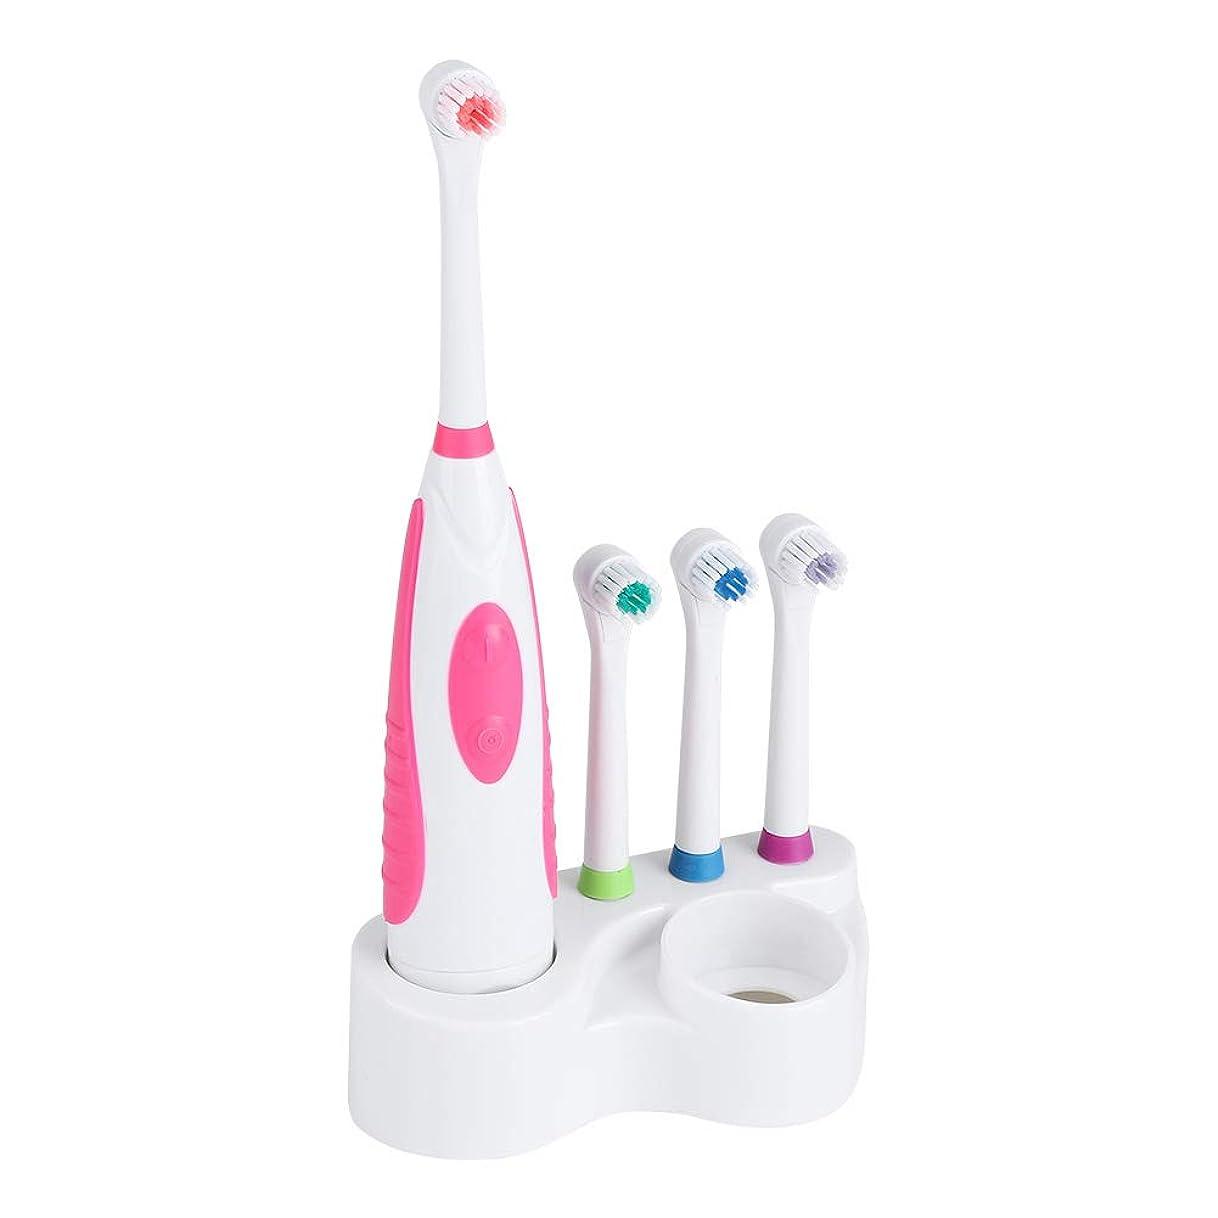 花欺く恐怖電動歯ブラシ、電子ホワイトニングブラシ旅行クリーニング歯ブラシオーラルケアバッテリー電源(Red)